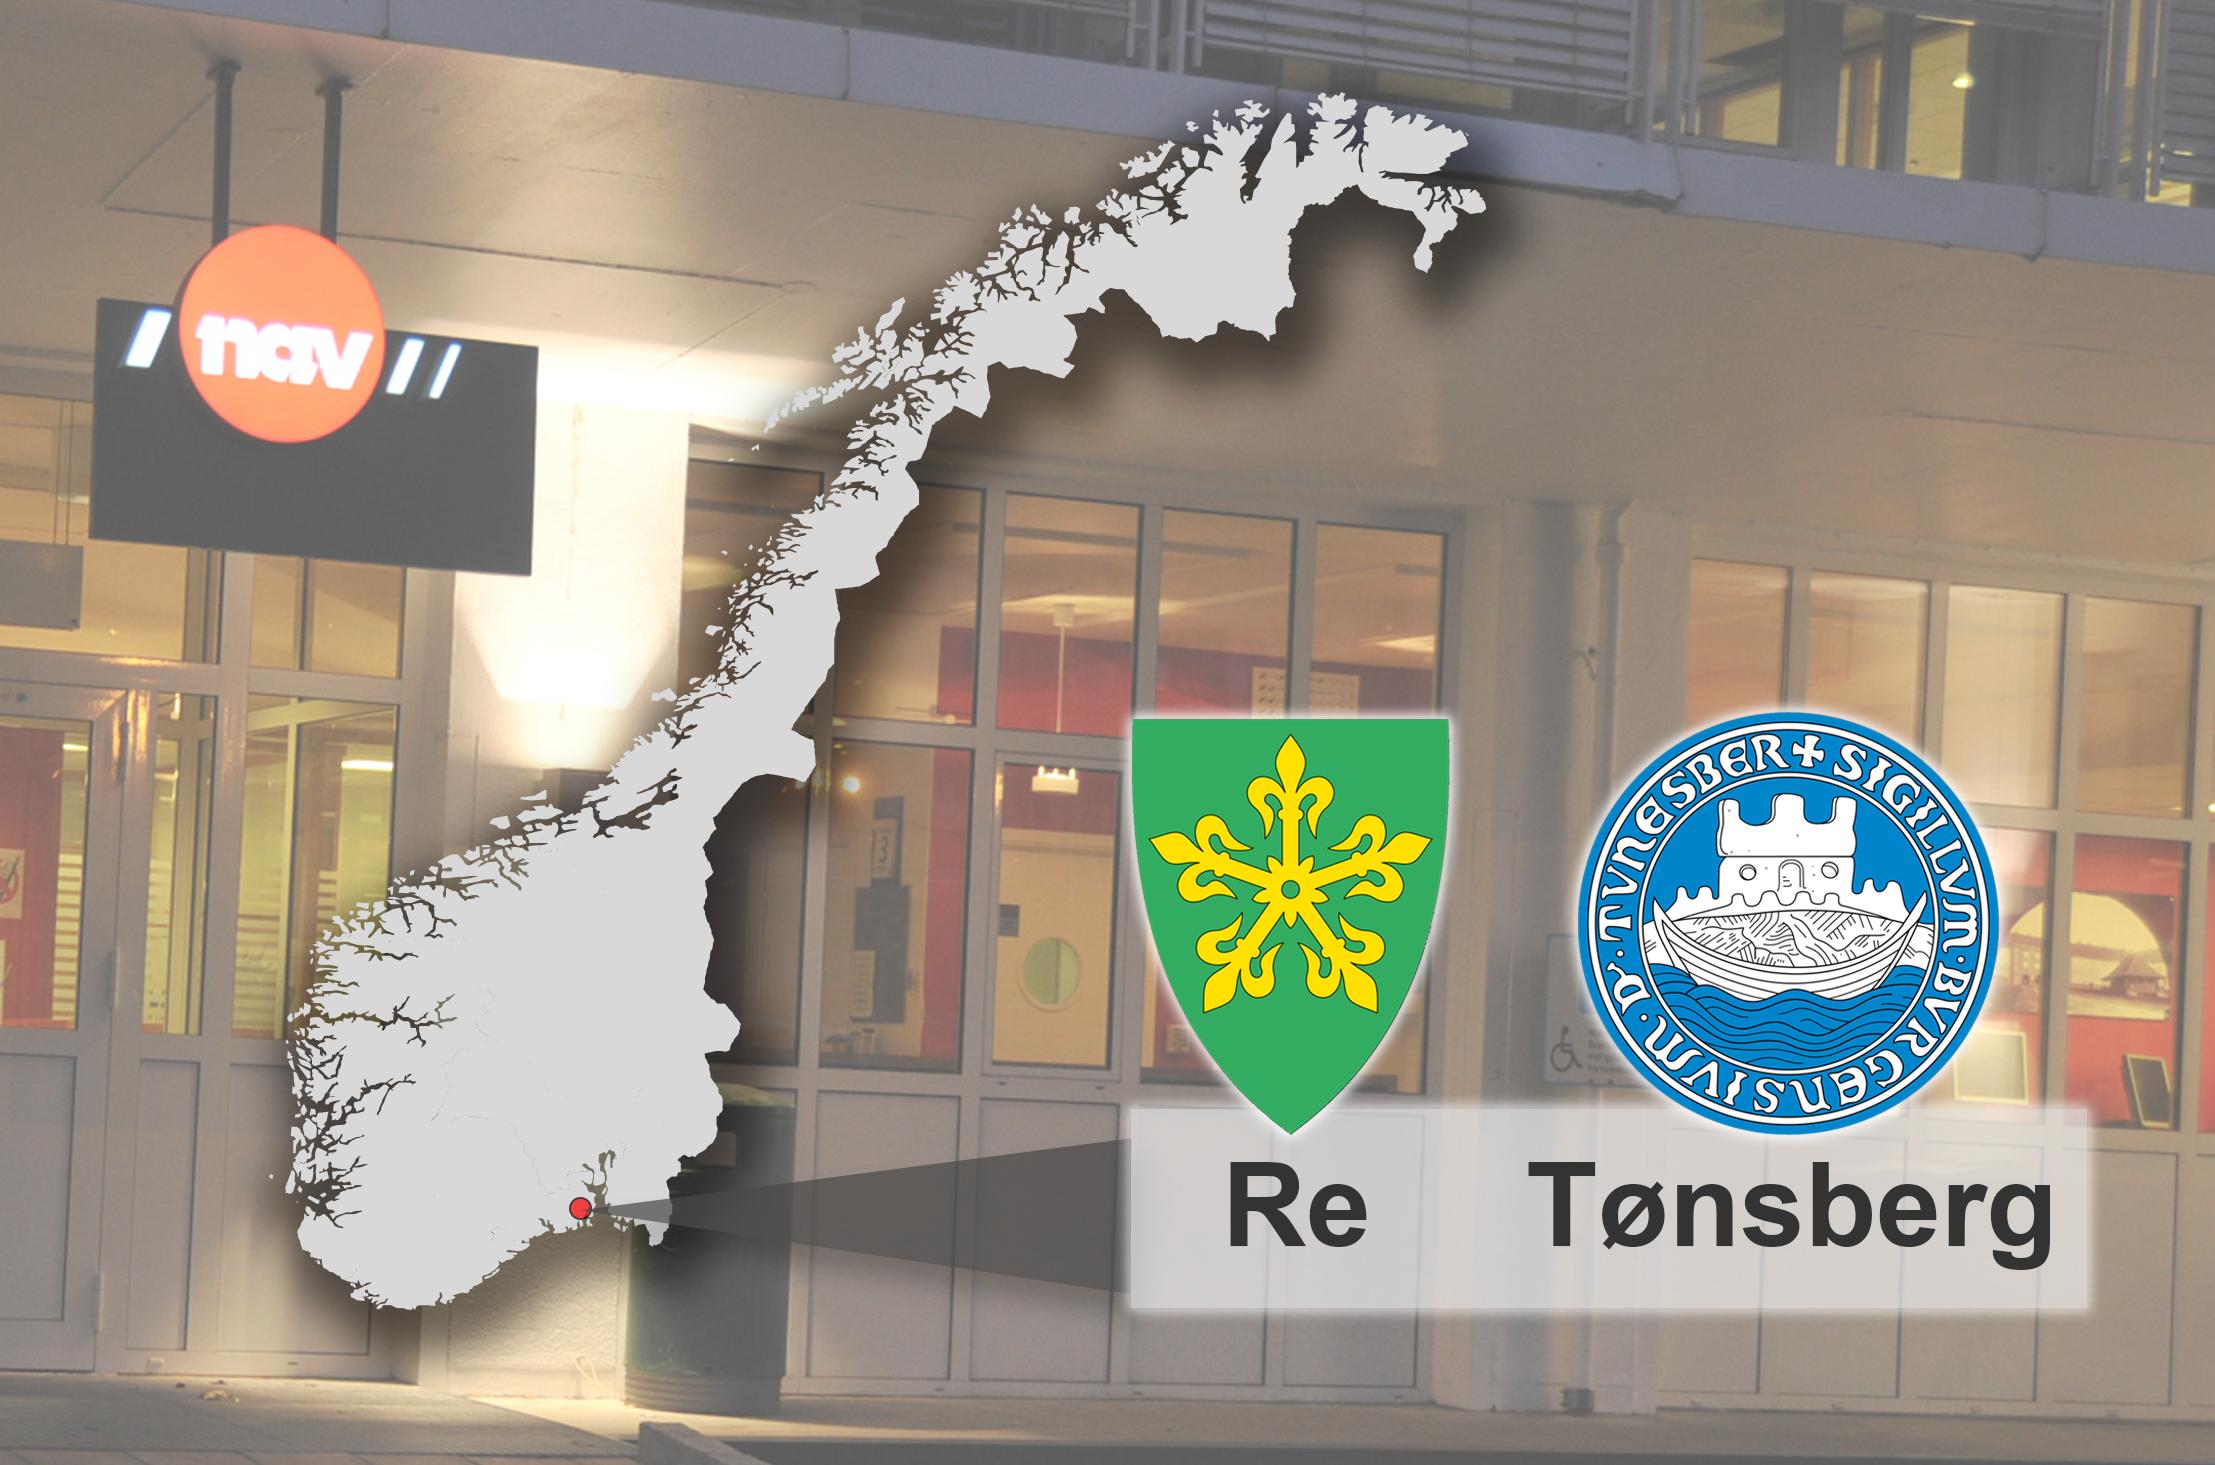 I forbindelse med at NAV Re og NAV Tønsberg slås sammen, har brukernes stemme blitt hørt.